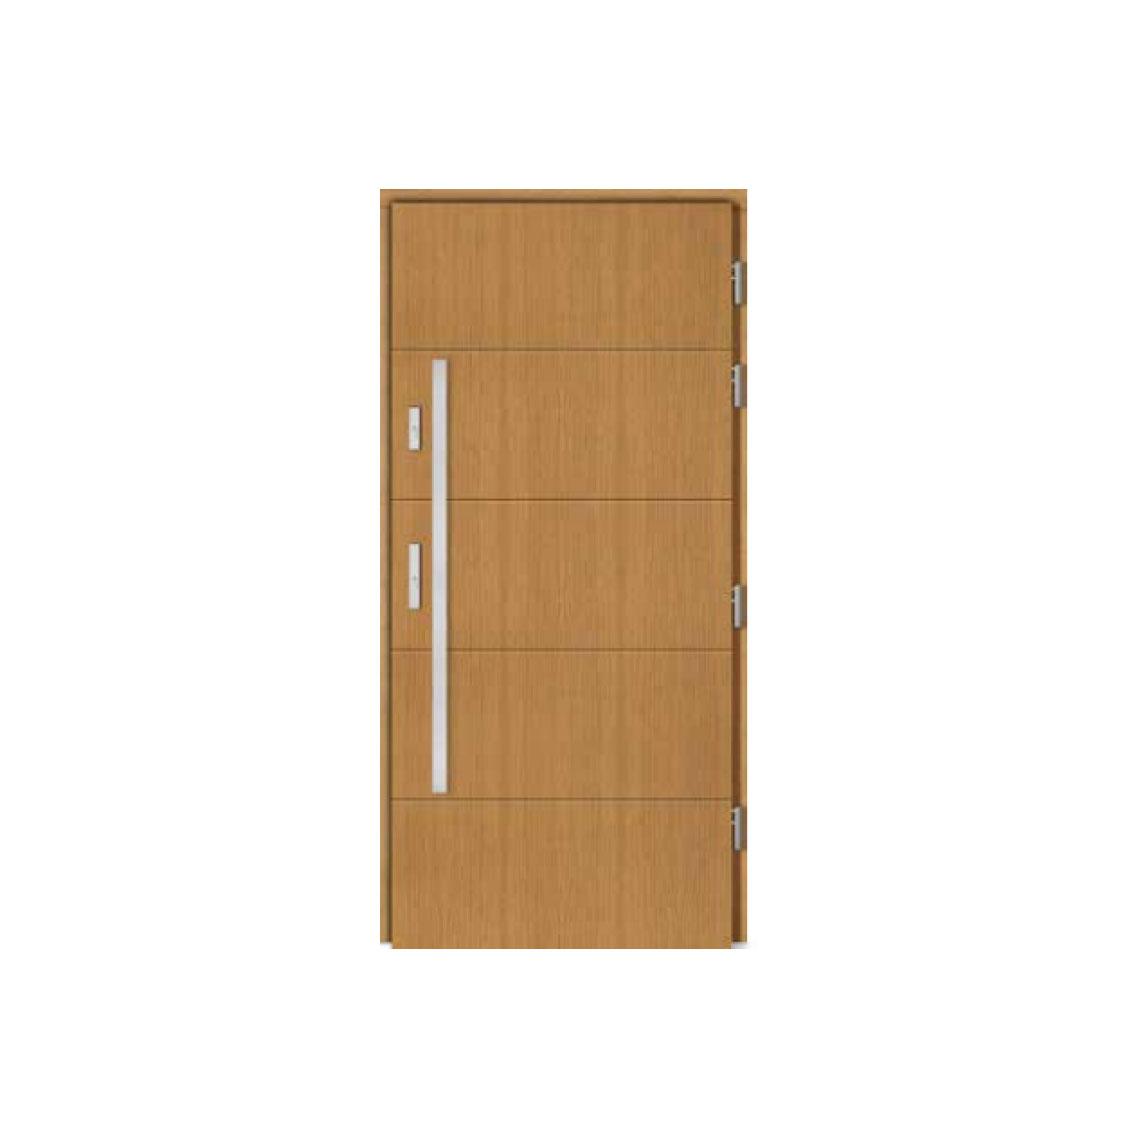 Wooden door WD-8